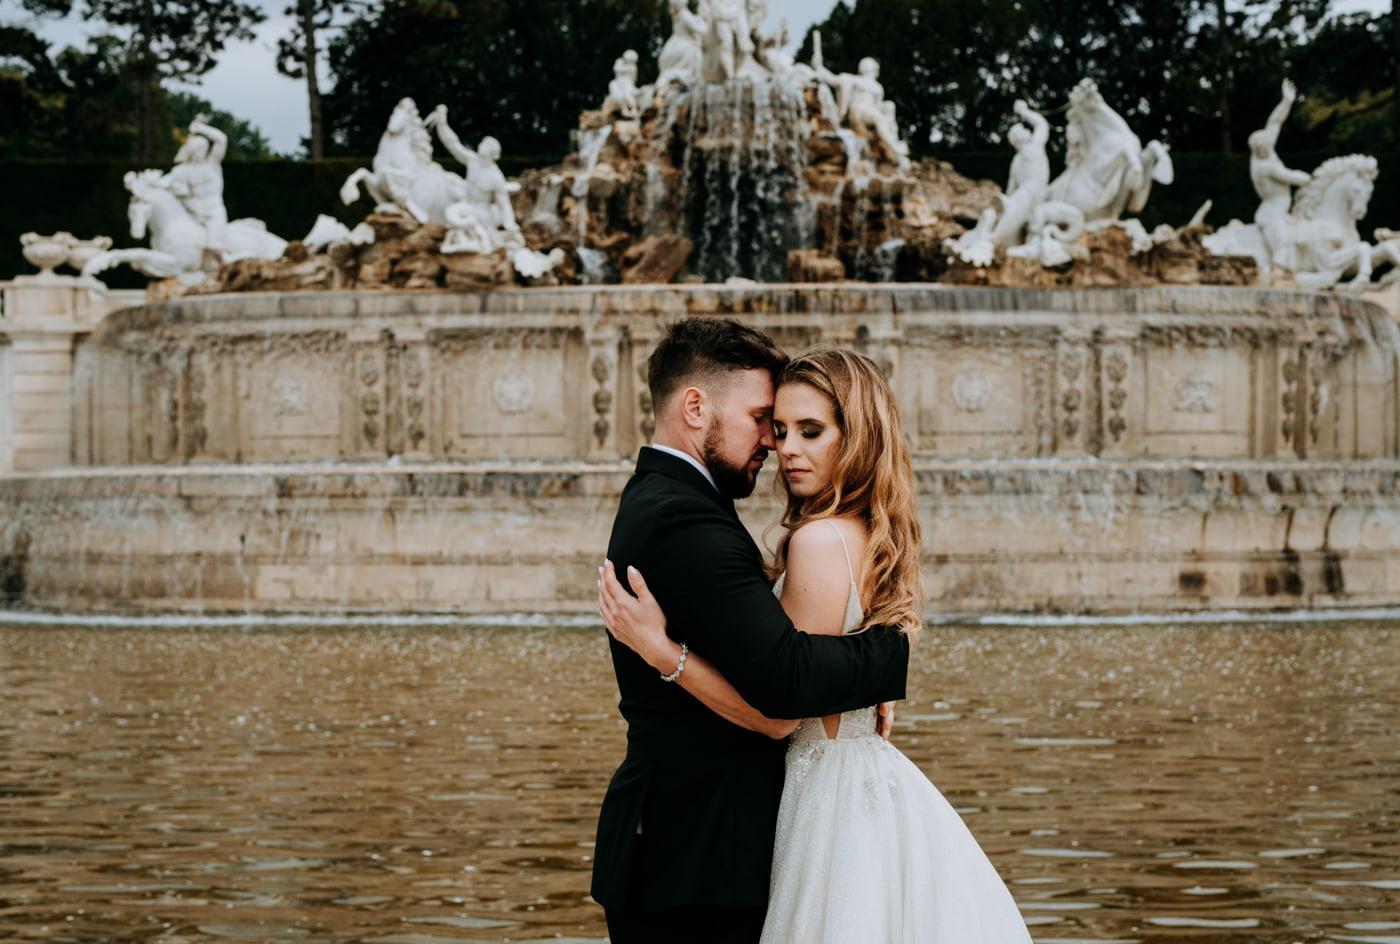 Sesja Ślubna w Wiedniu - Ania i Tomek 35